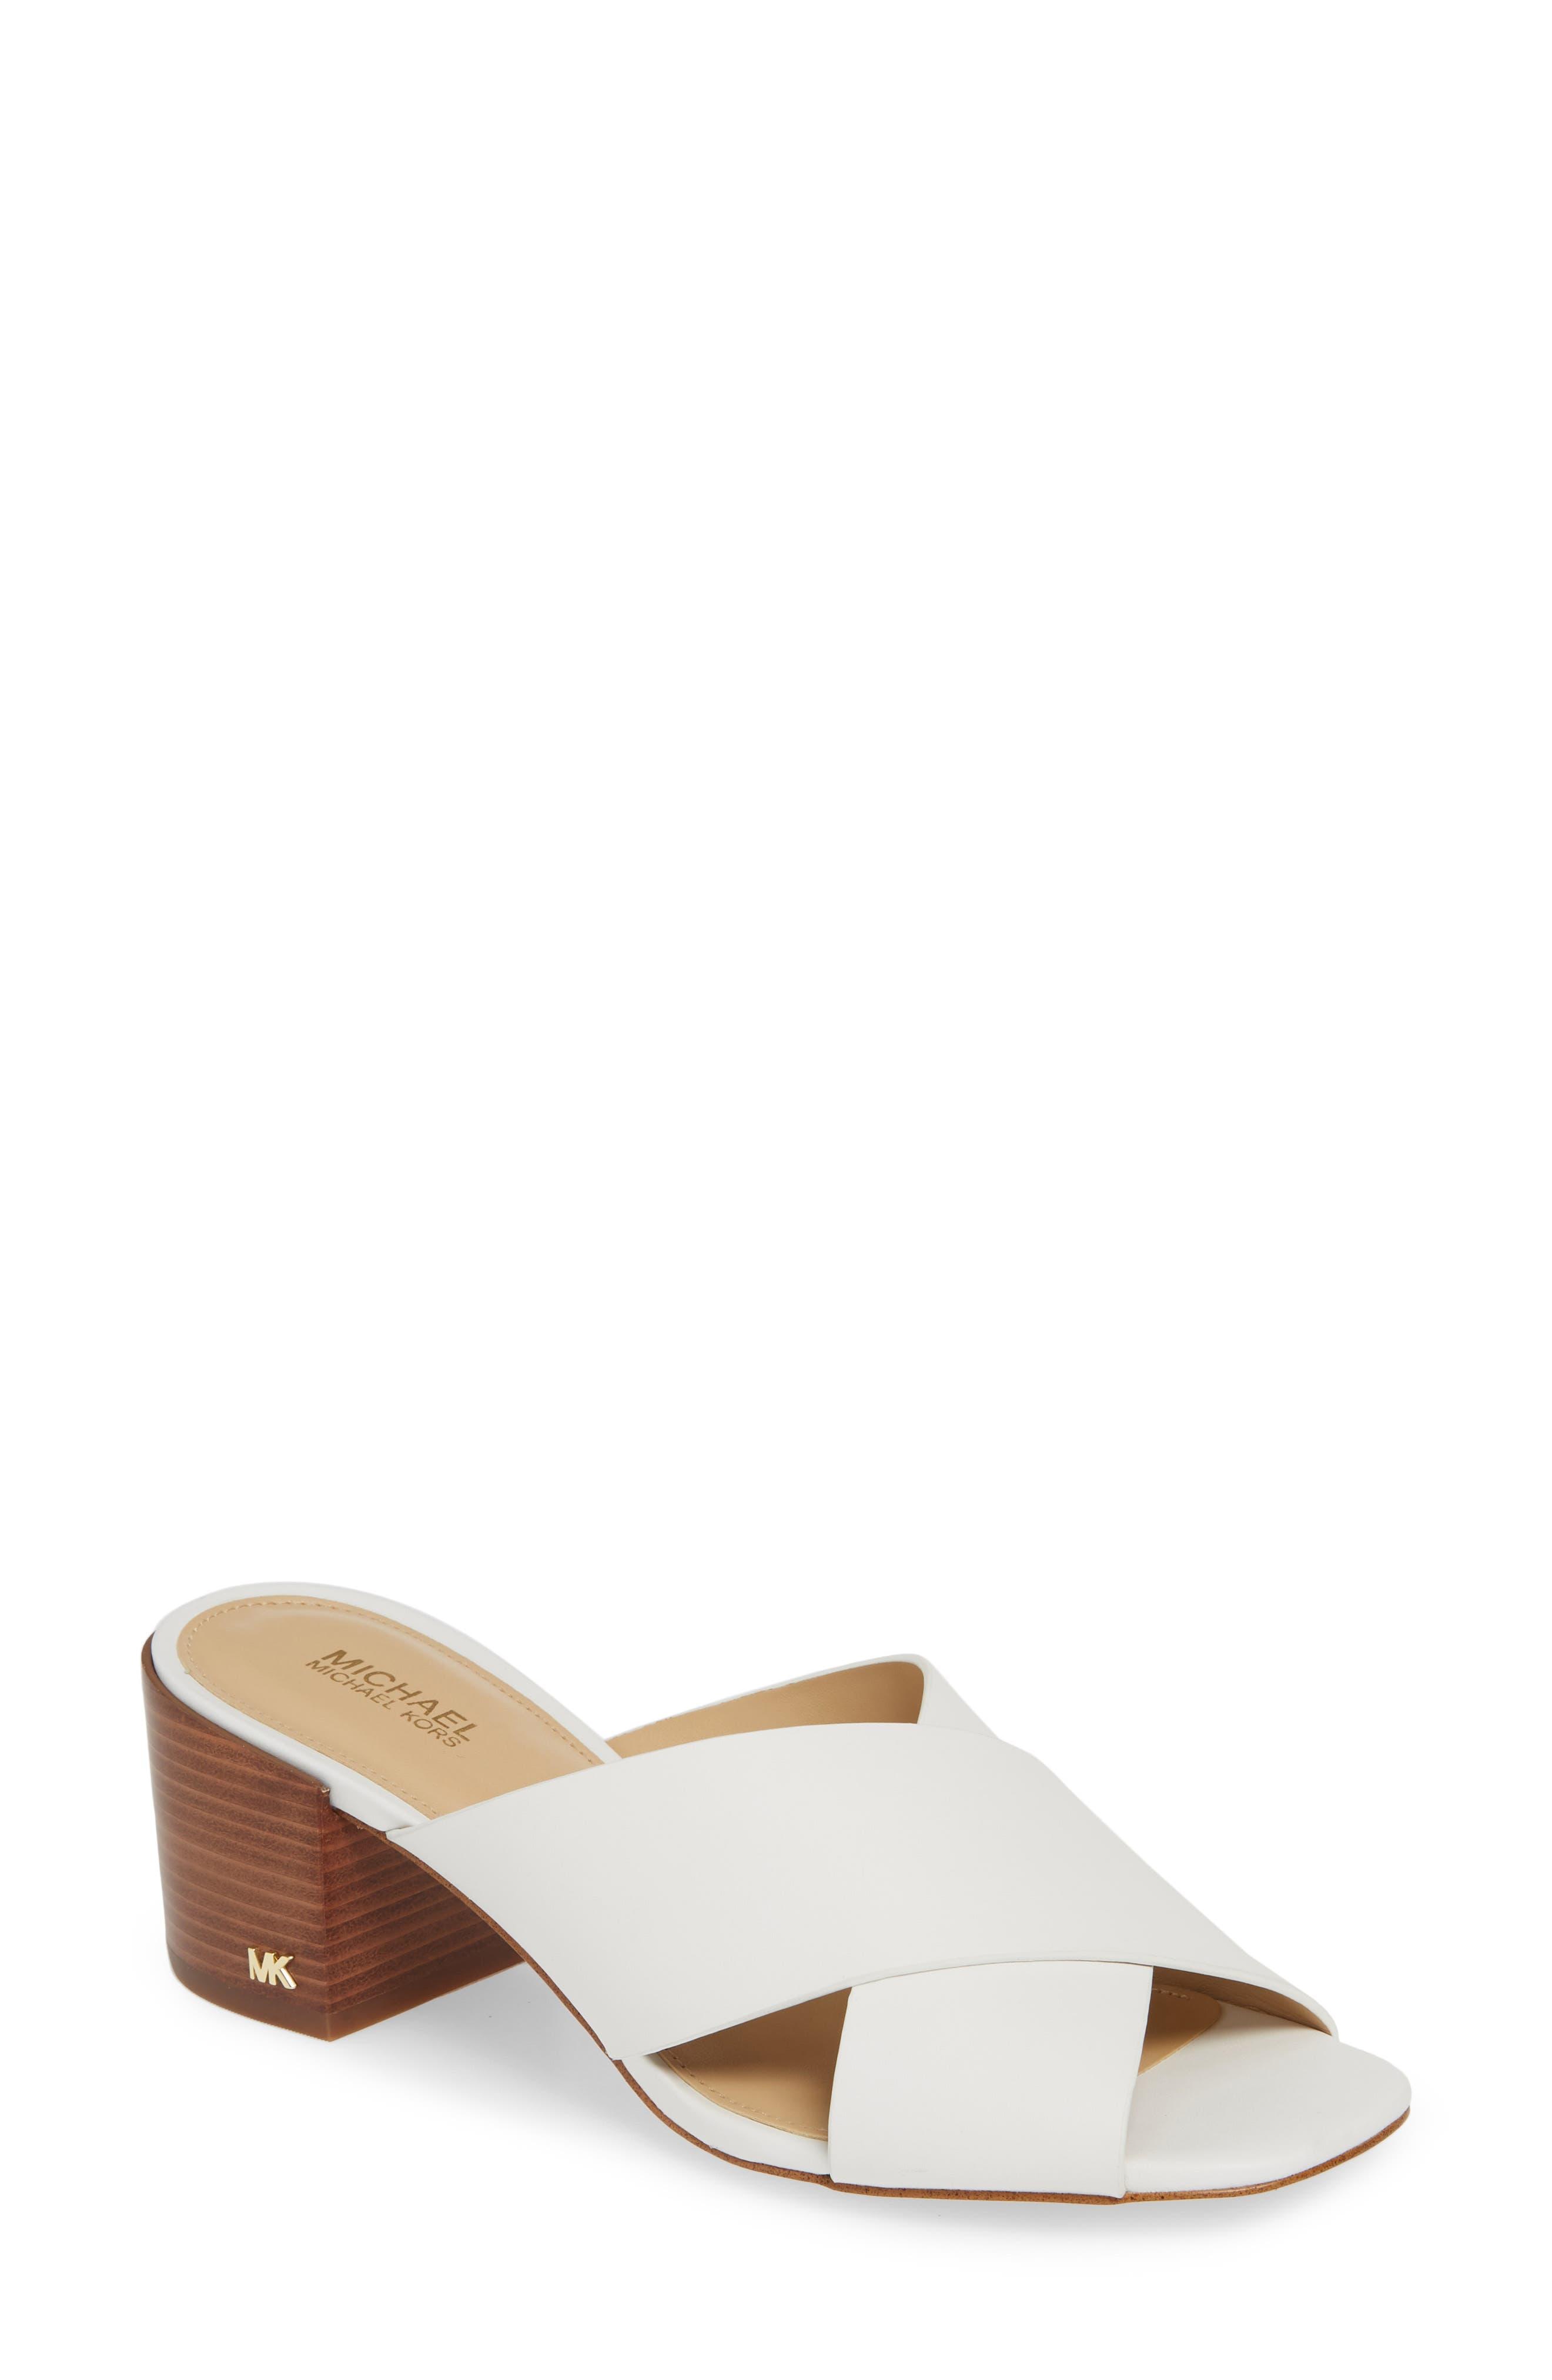 Michael Michael Kors Abbot Slide Sandal- White